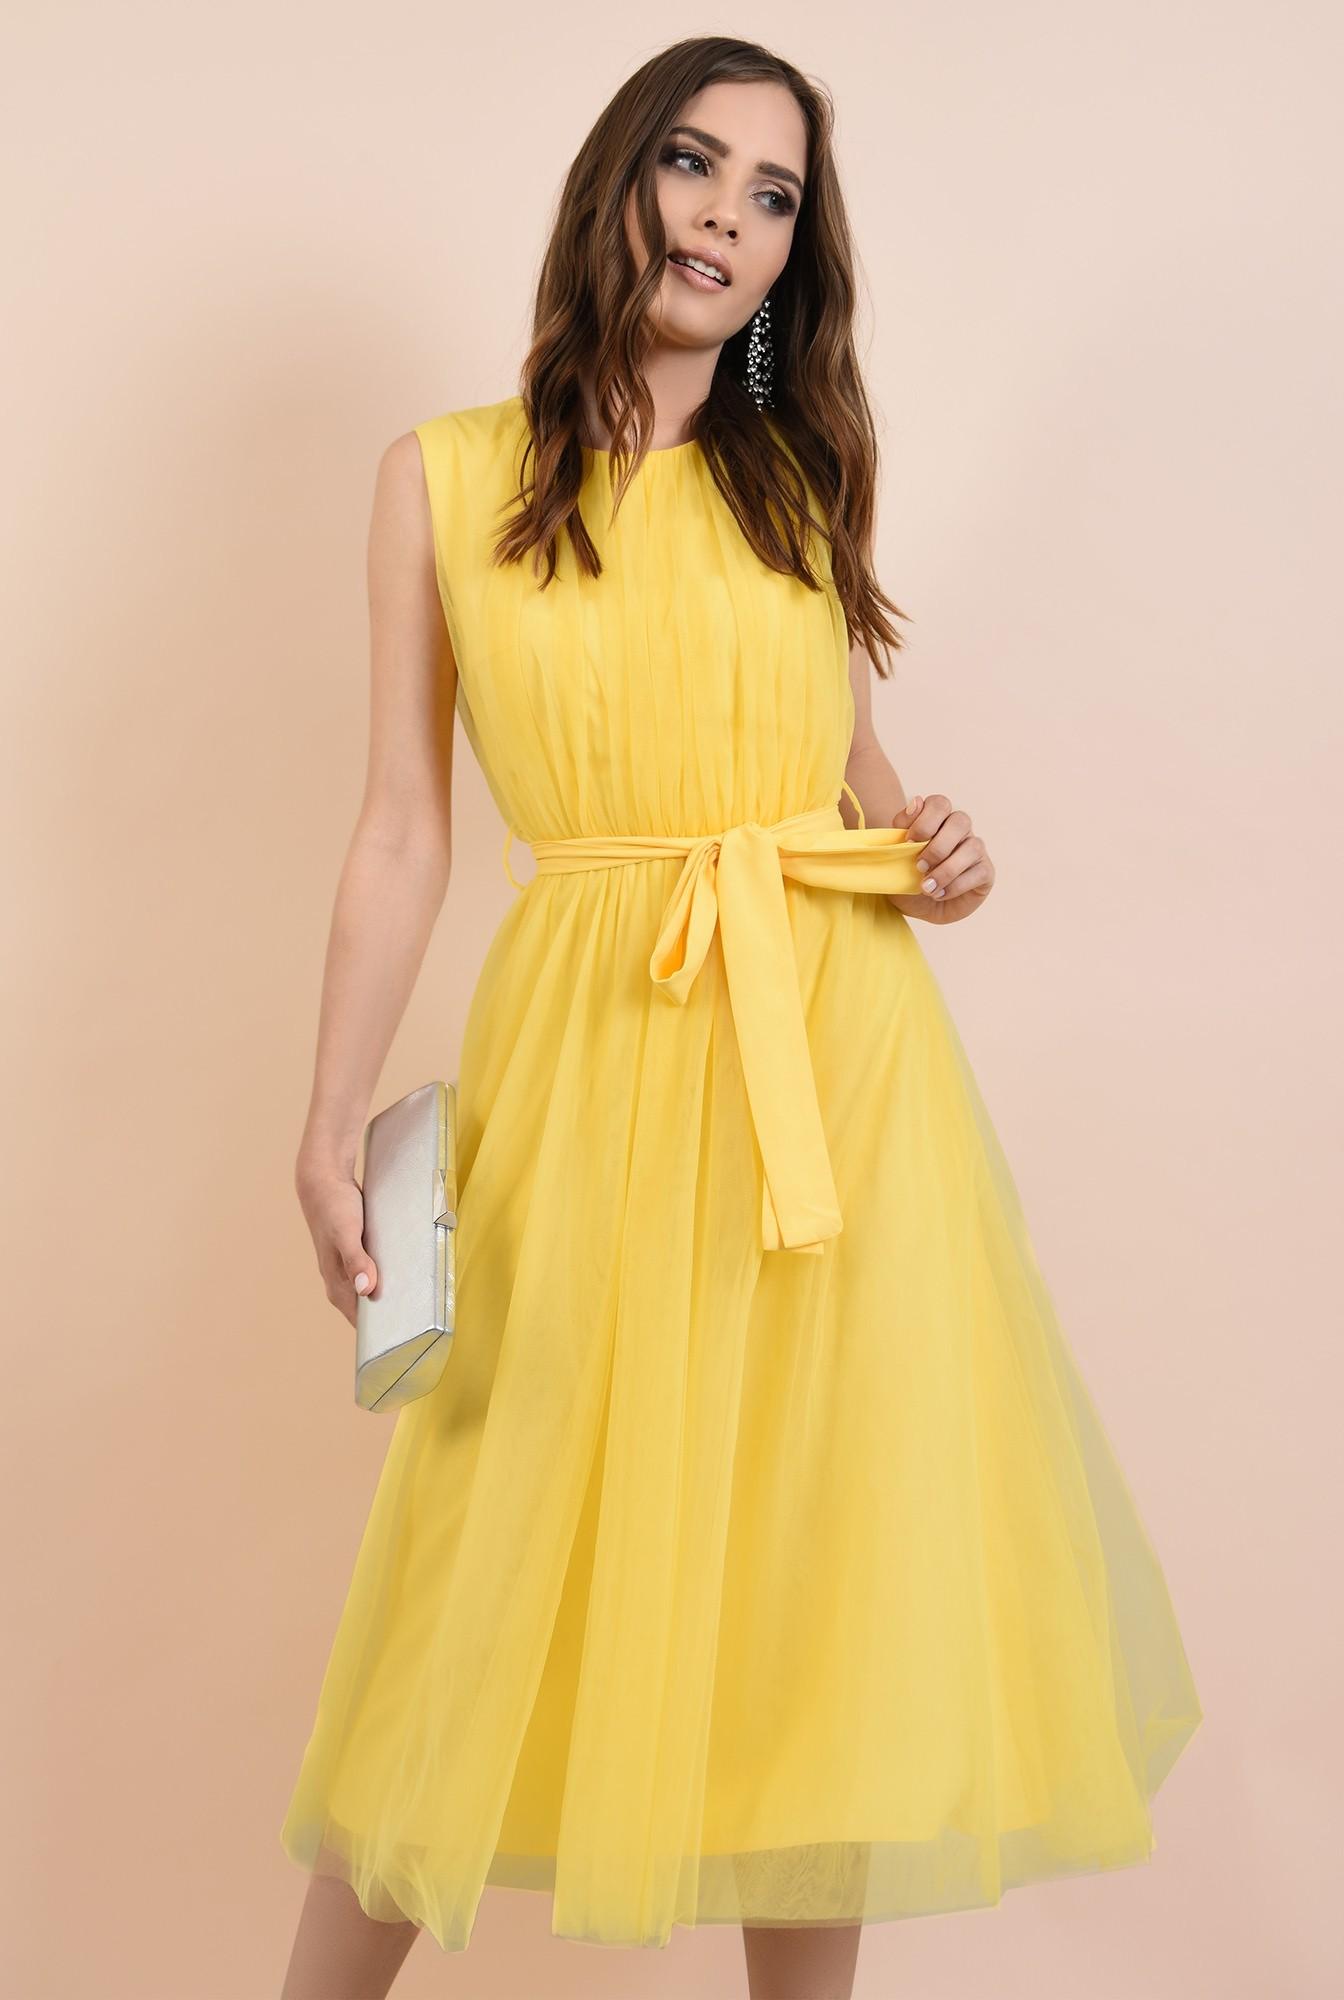 0 - rochie de seara, din tul galben, funda la talie, Poema, croi clos